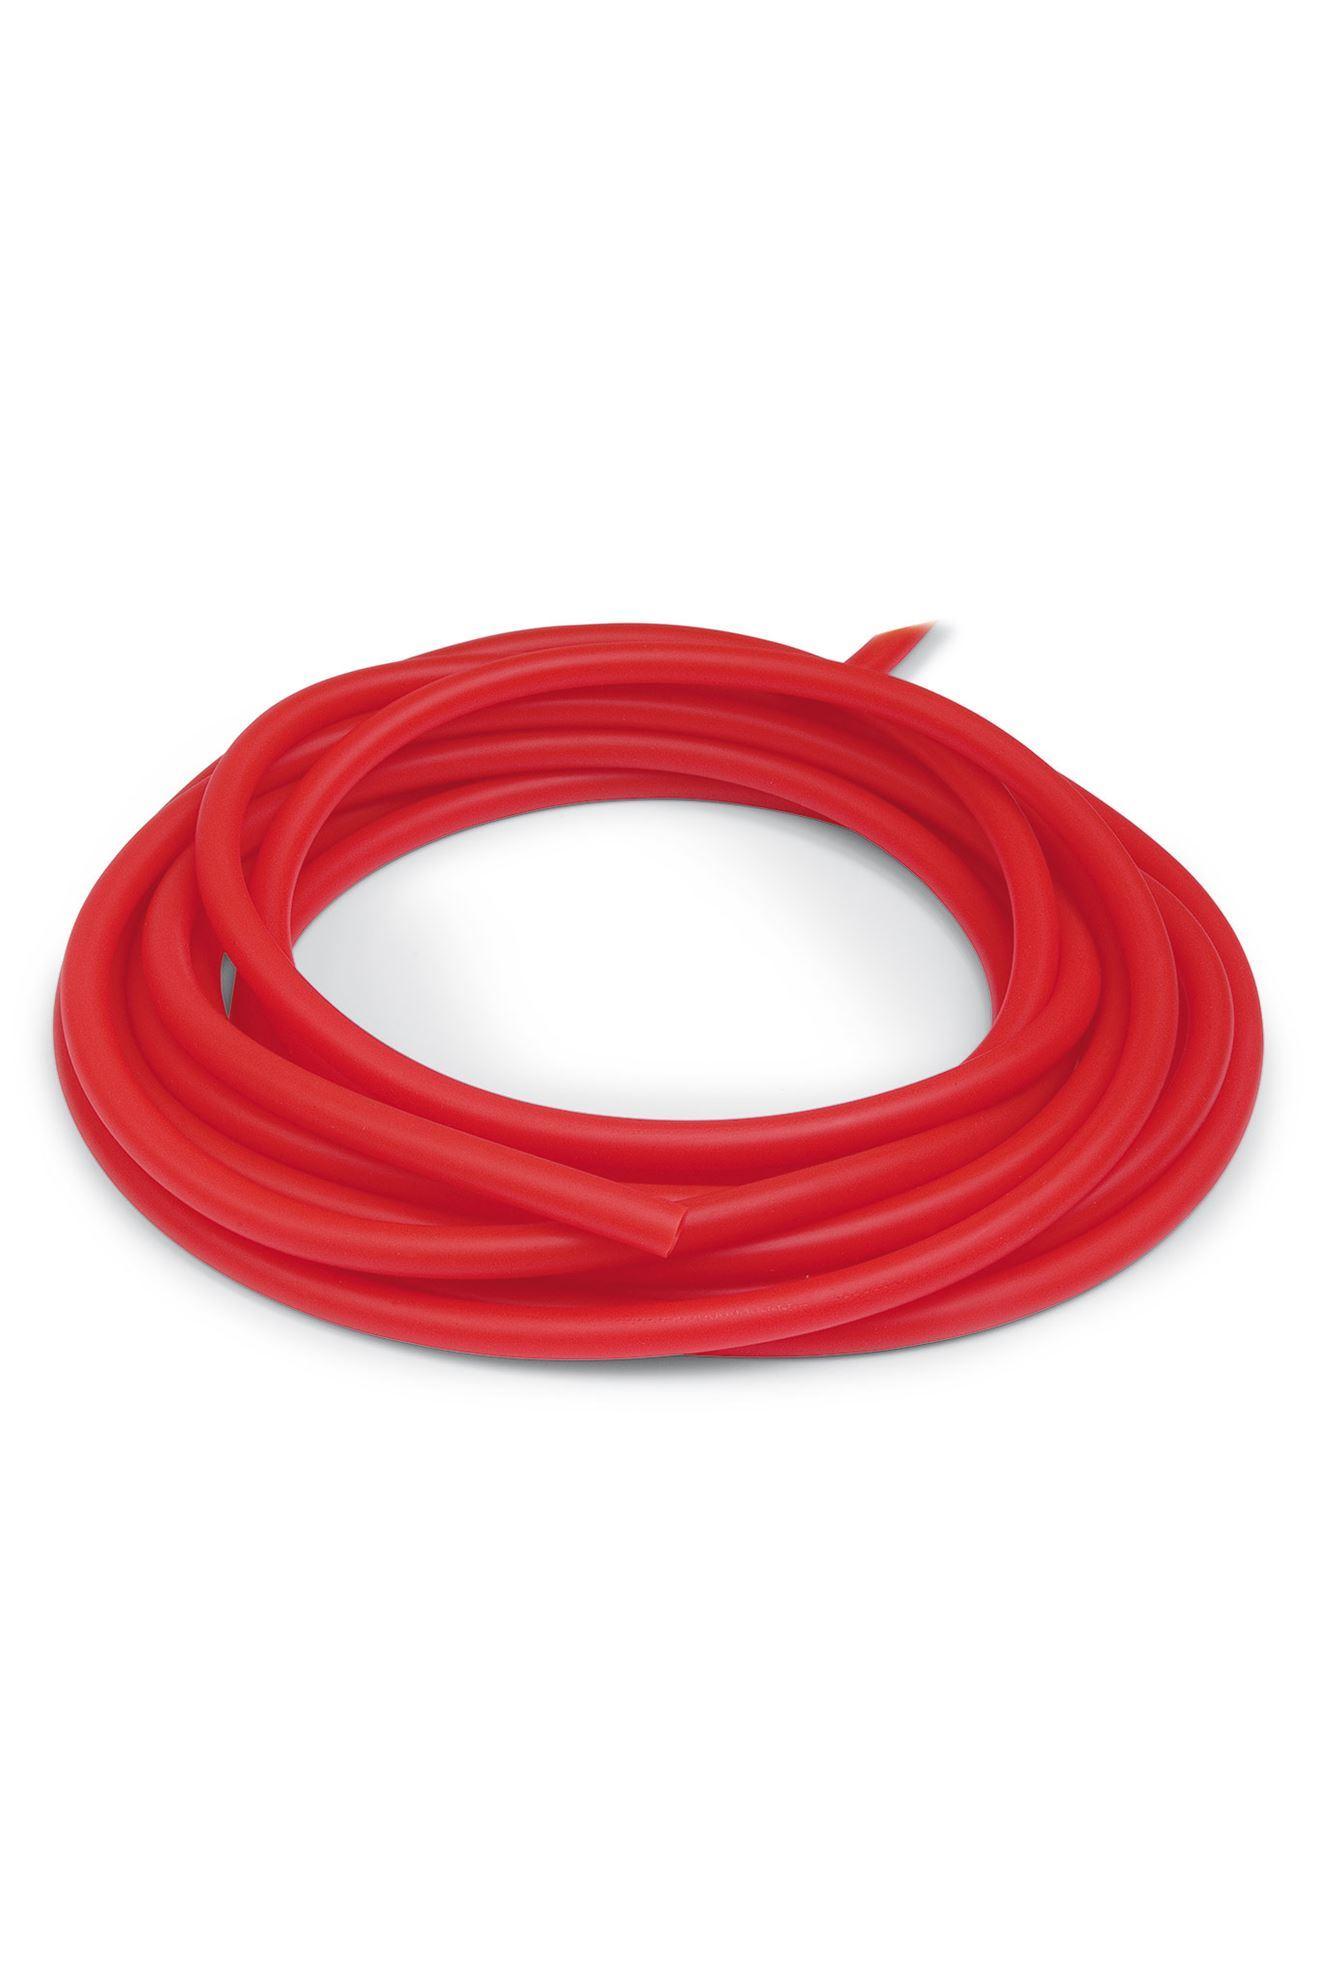 206065 - RED ELASTIC TUBE